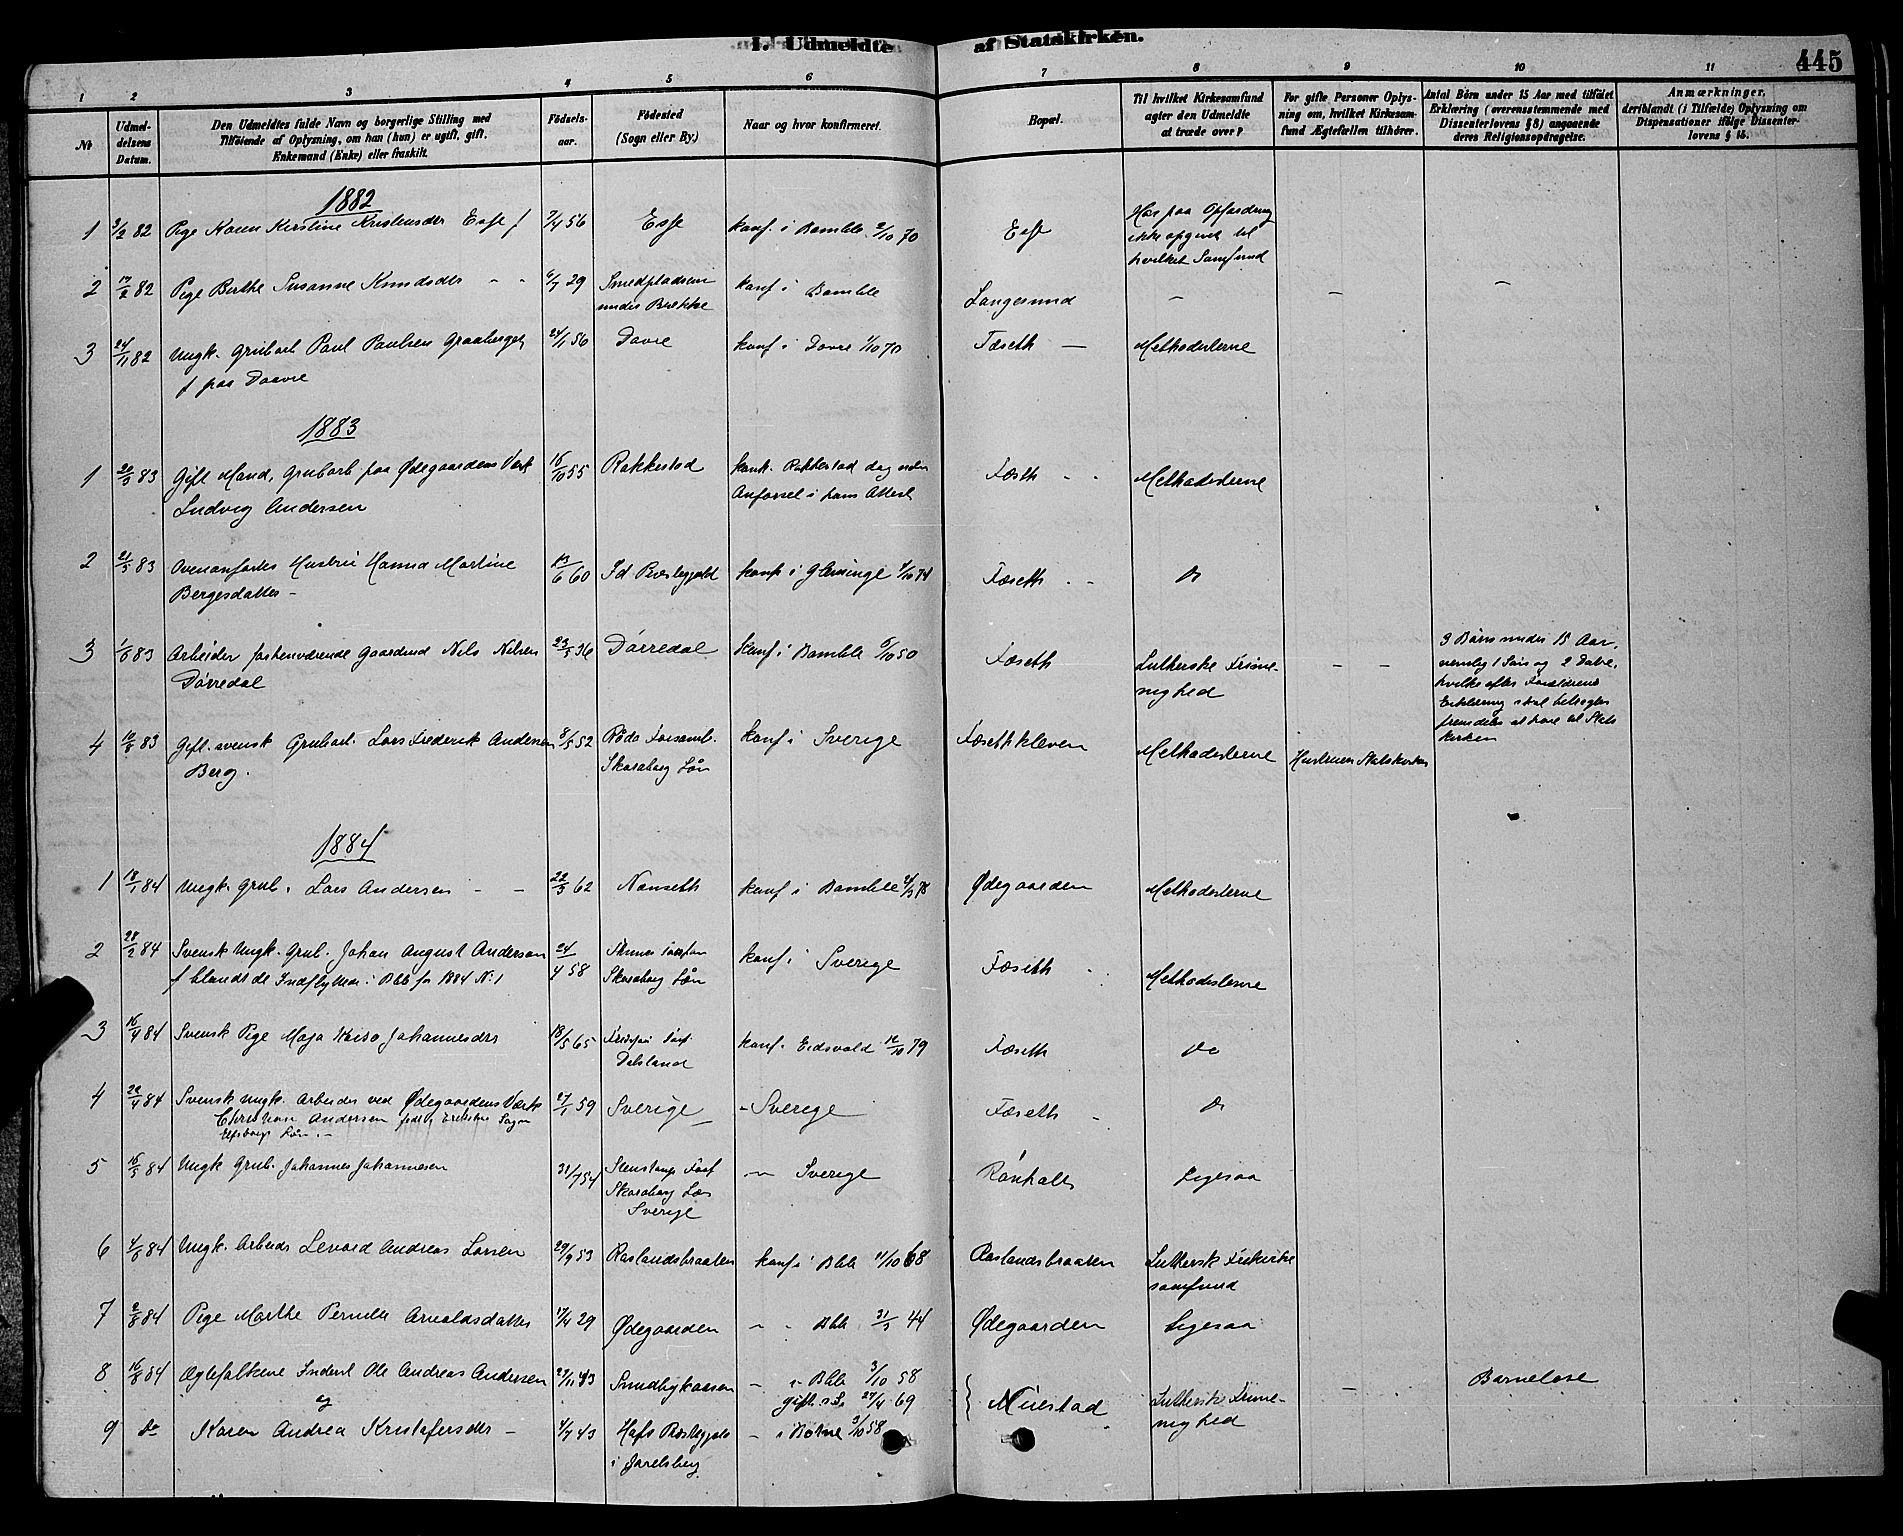 SAKO, Bamble kirkebøker, G/Ga/L0008: Klokkerbok nr. I 8, 1878-1888, s. 445